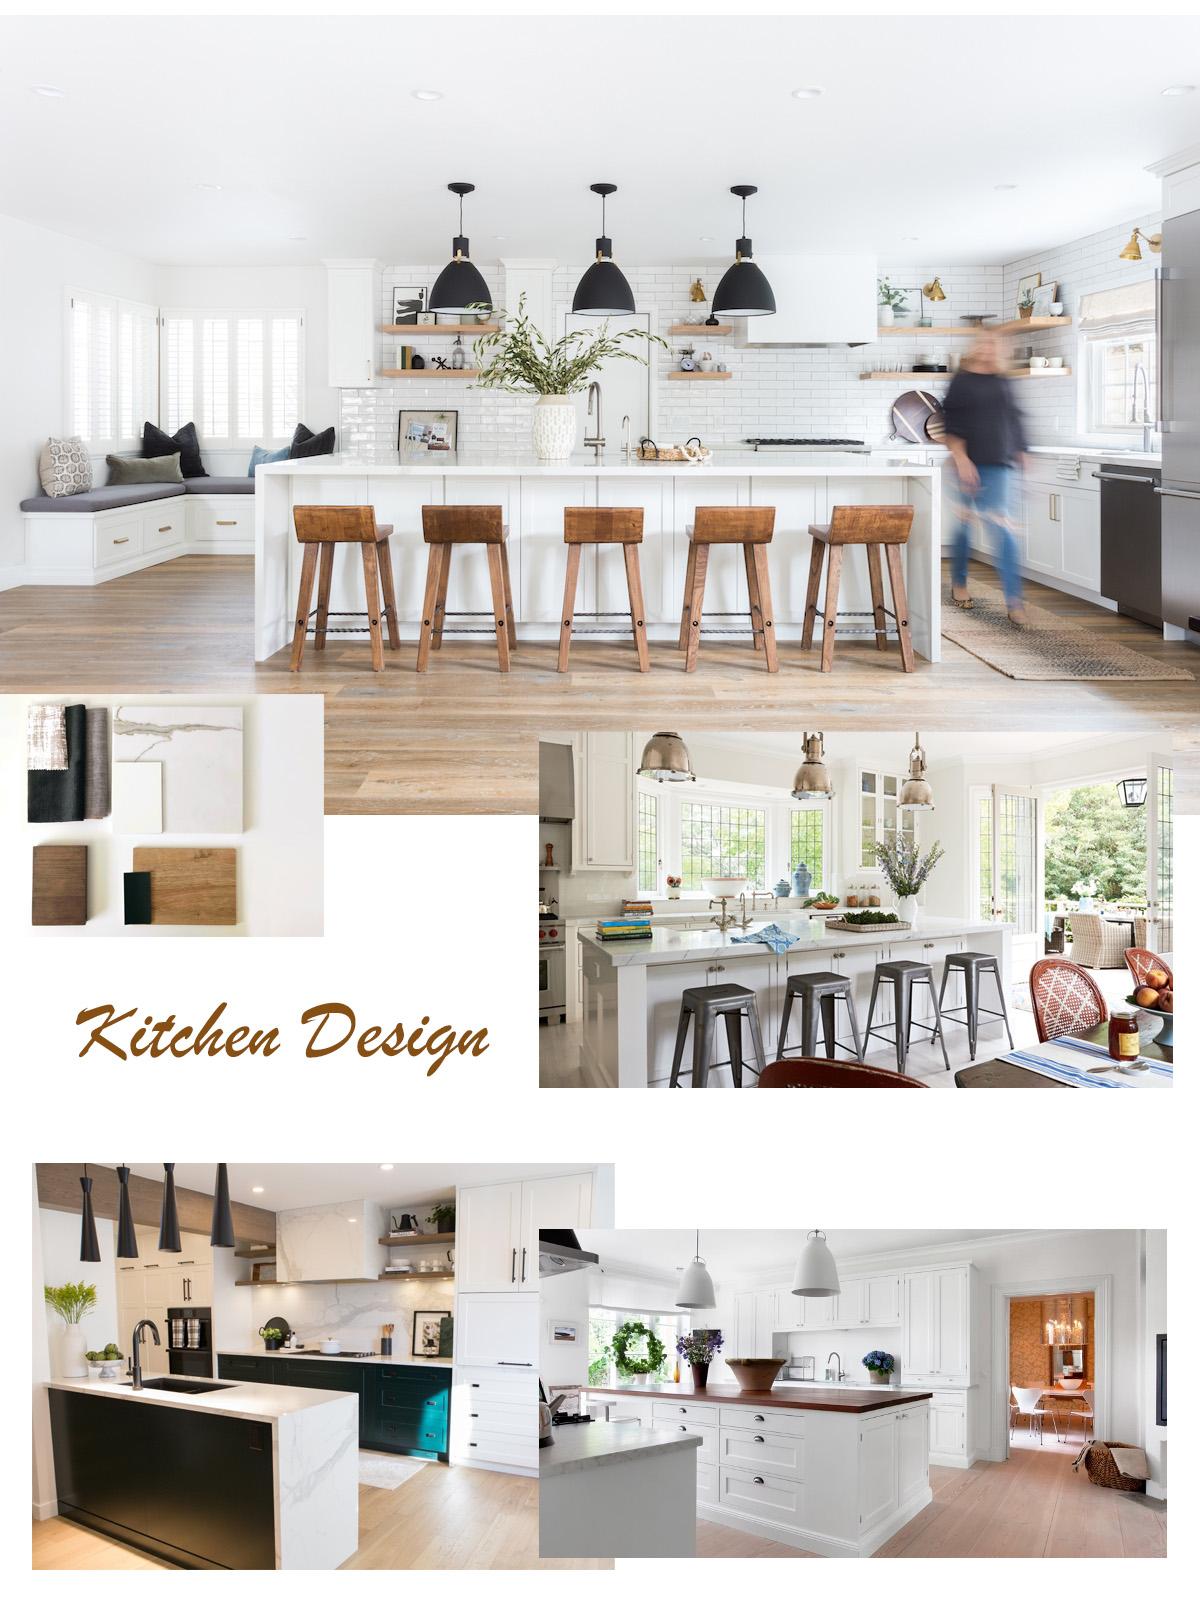 kitchen_design_3.jpg